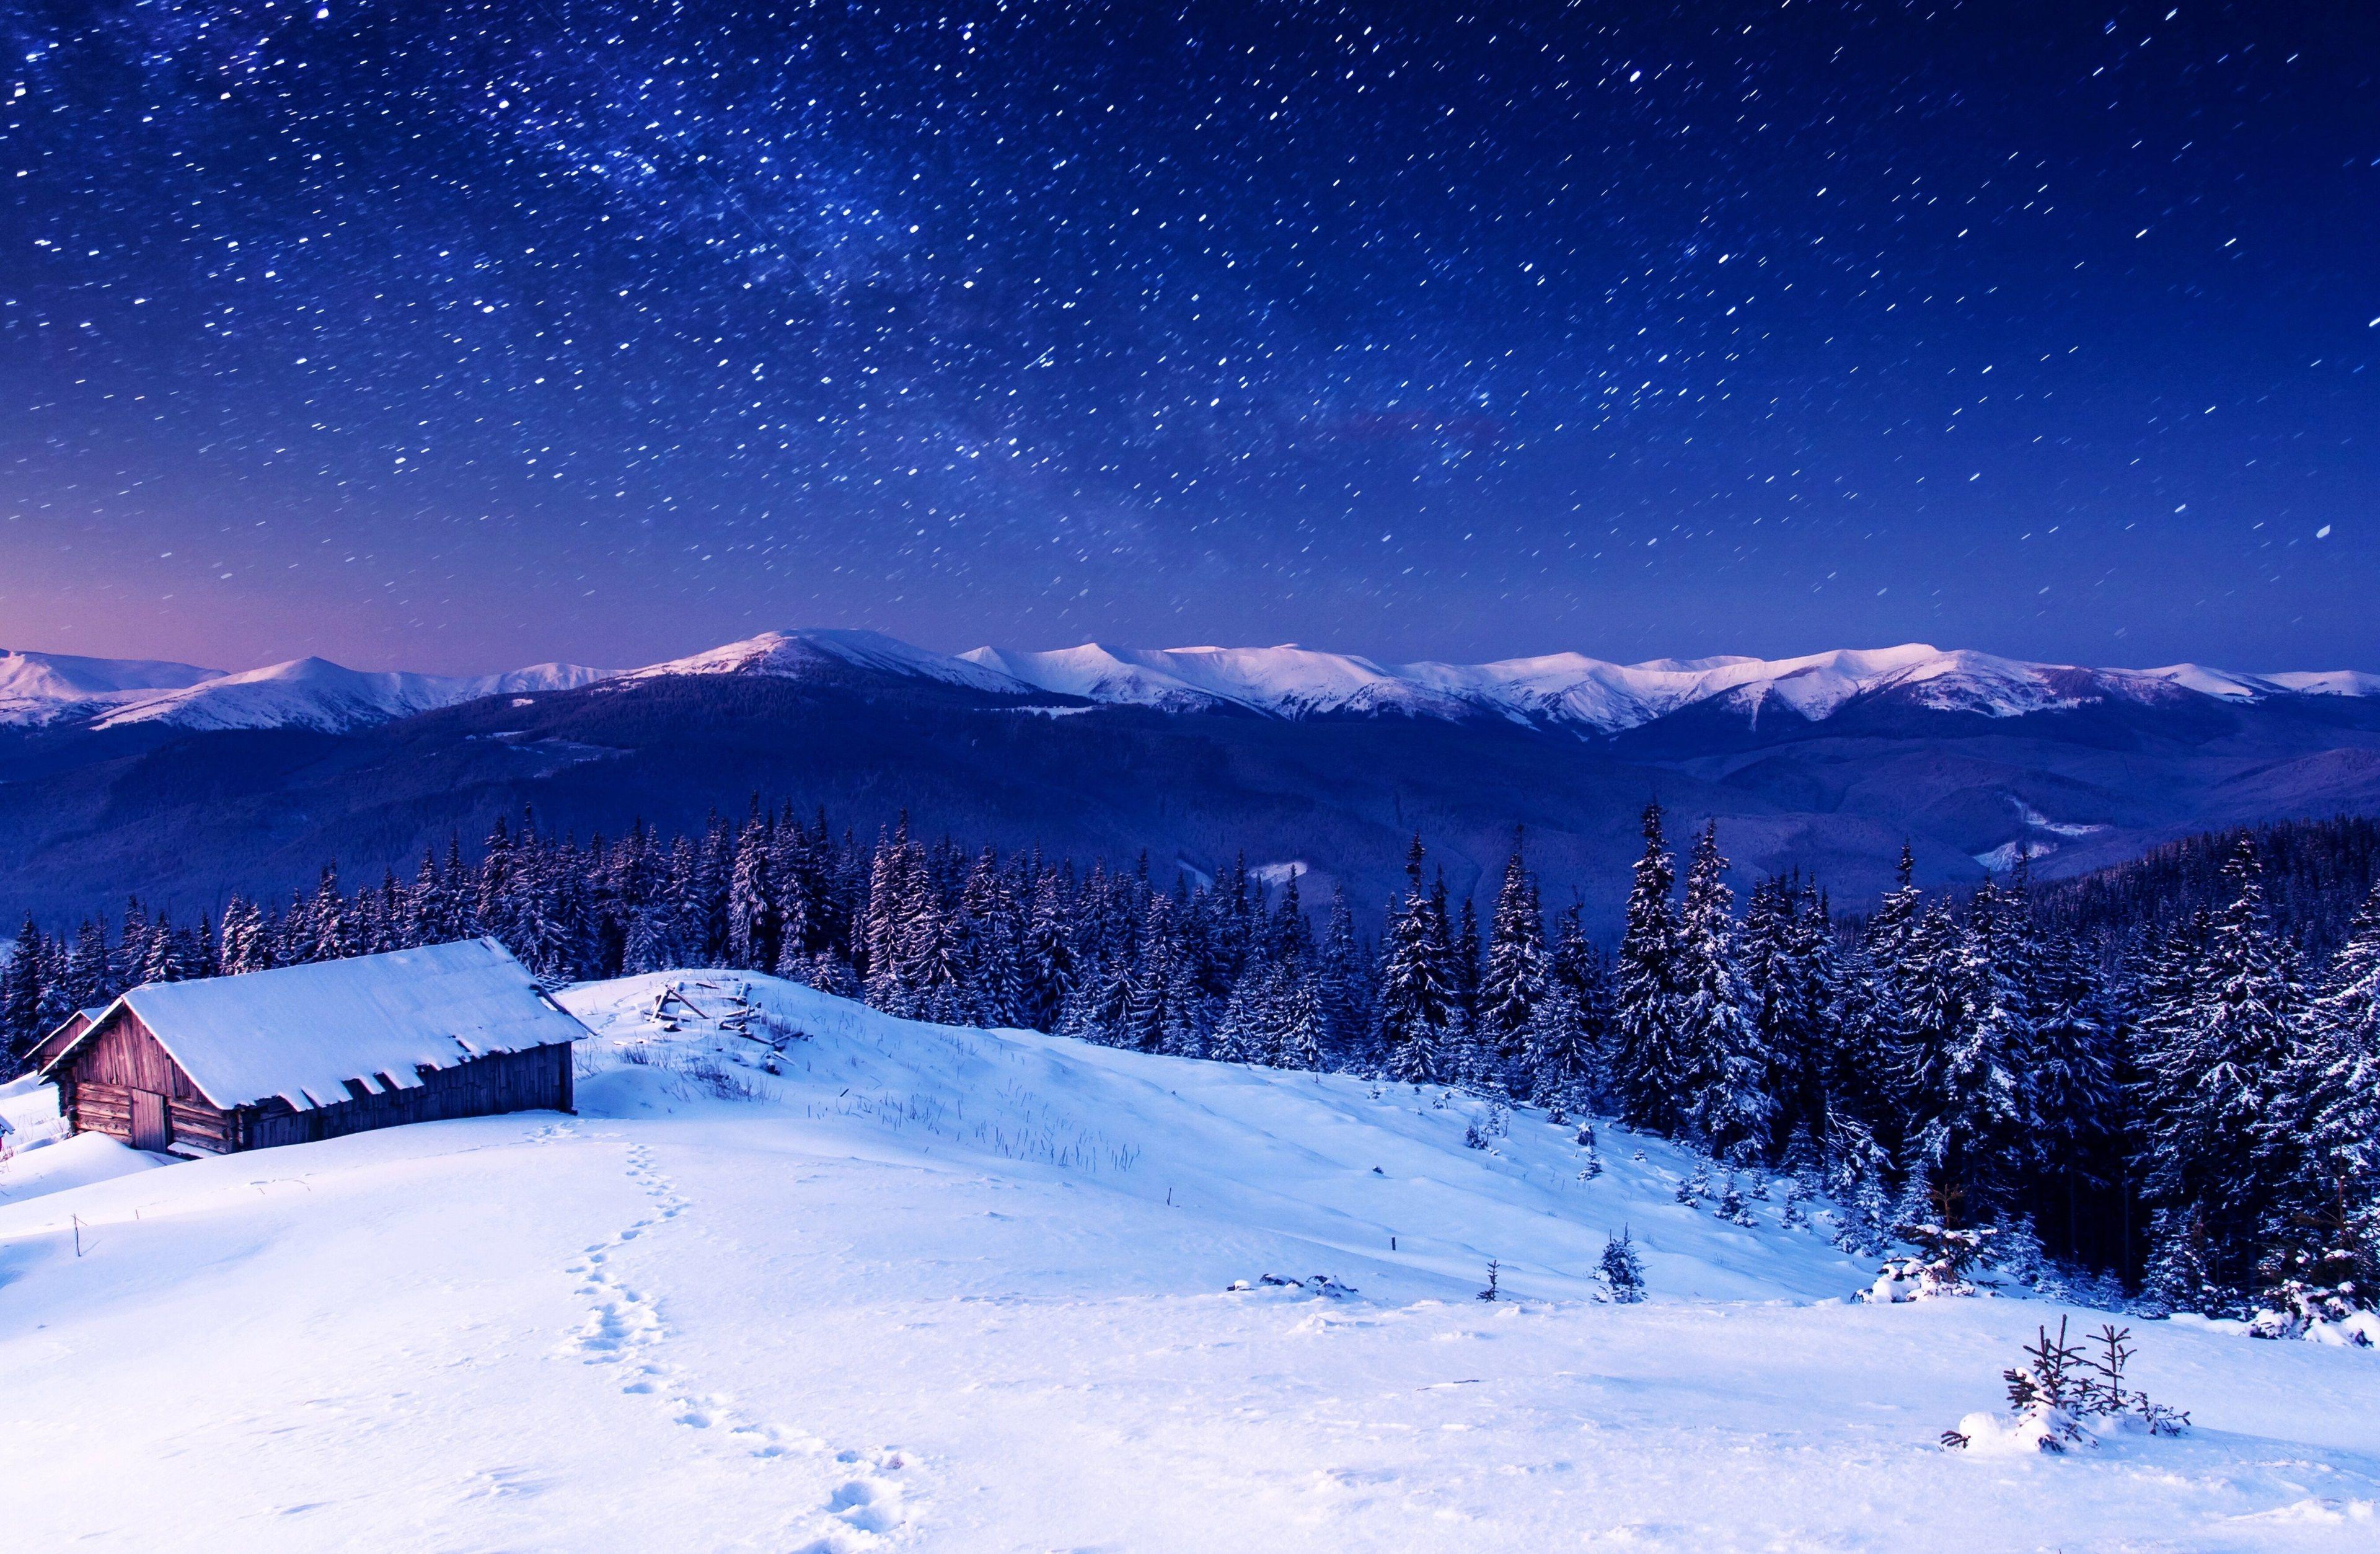 3840x2507 Mountains 4k Free Wide Hd Wallpaper Winter Mountain Winter Landscape Night Sky Wallpaper